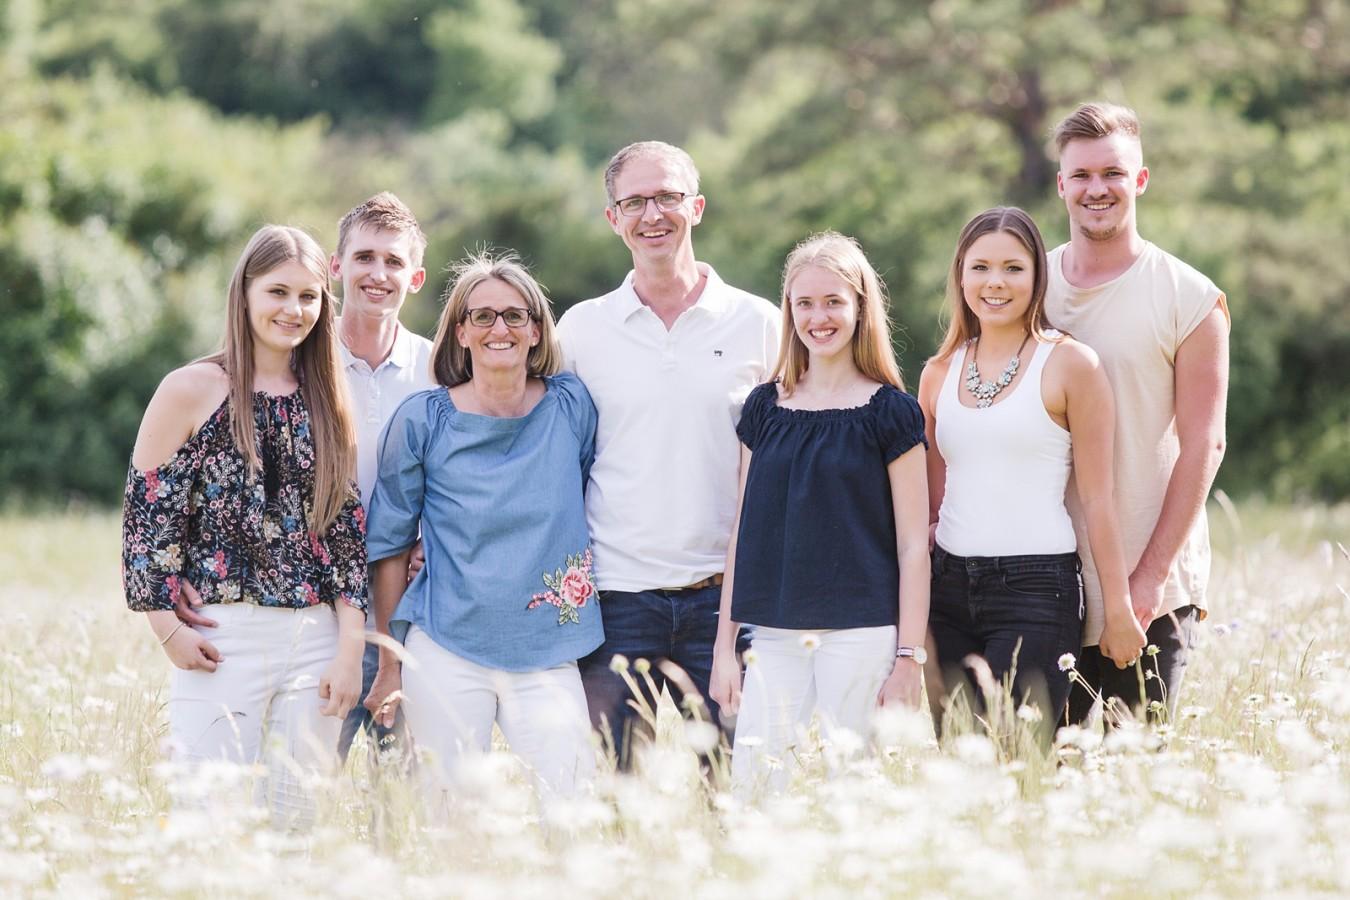 Familienfotos-Würzburg-fotograf (7)